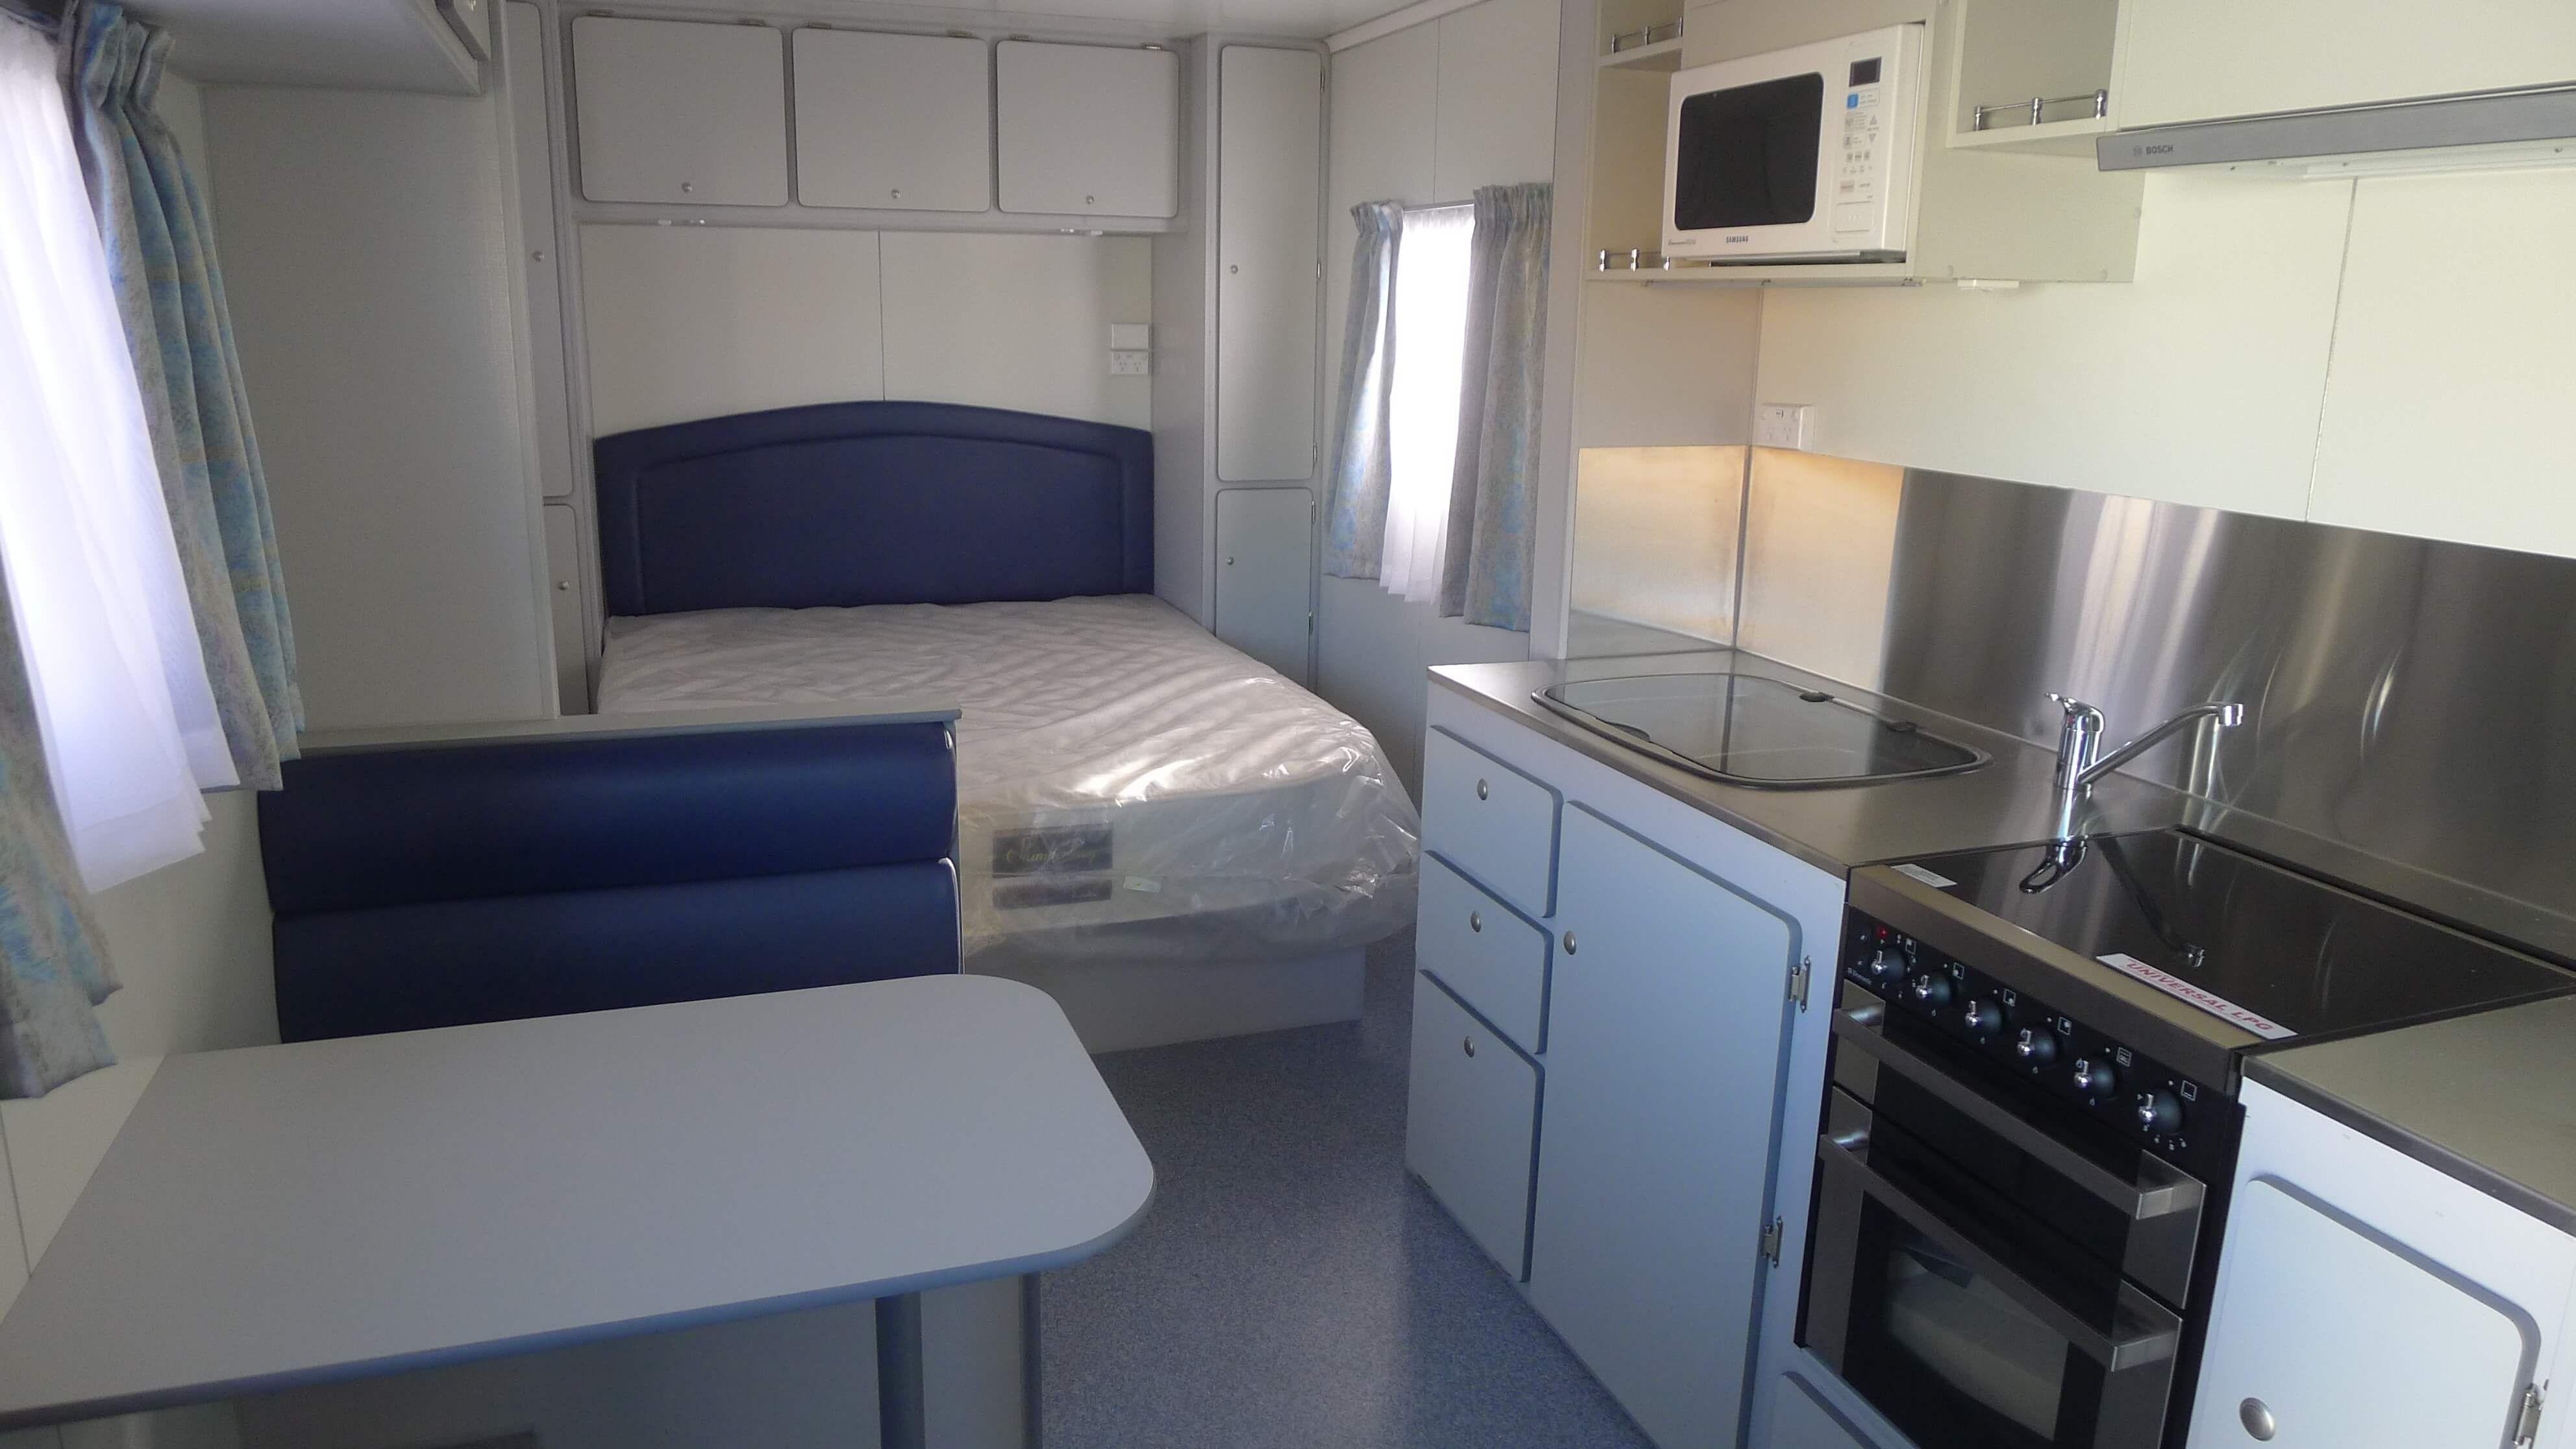 AllWays Commercial Exploration Caravans Caravan hire